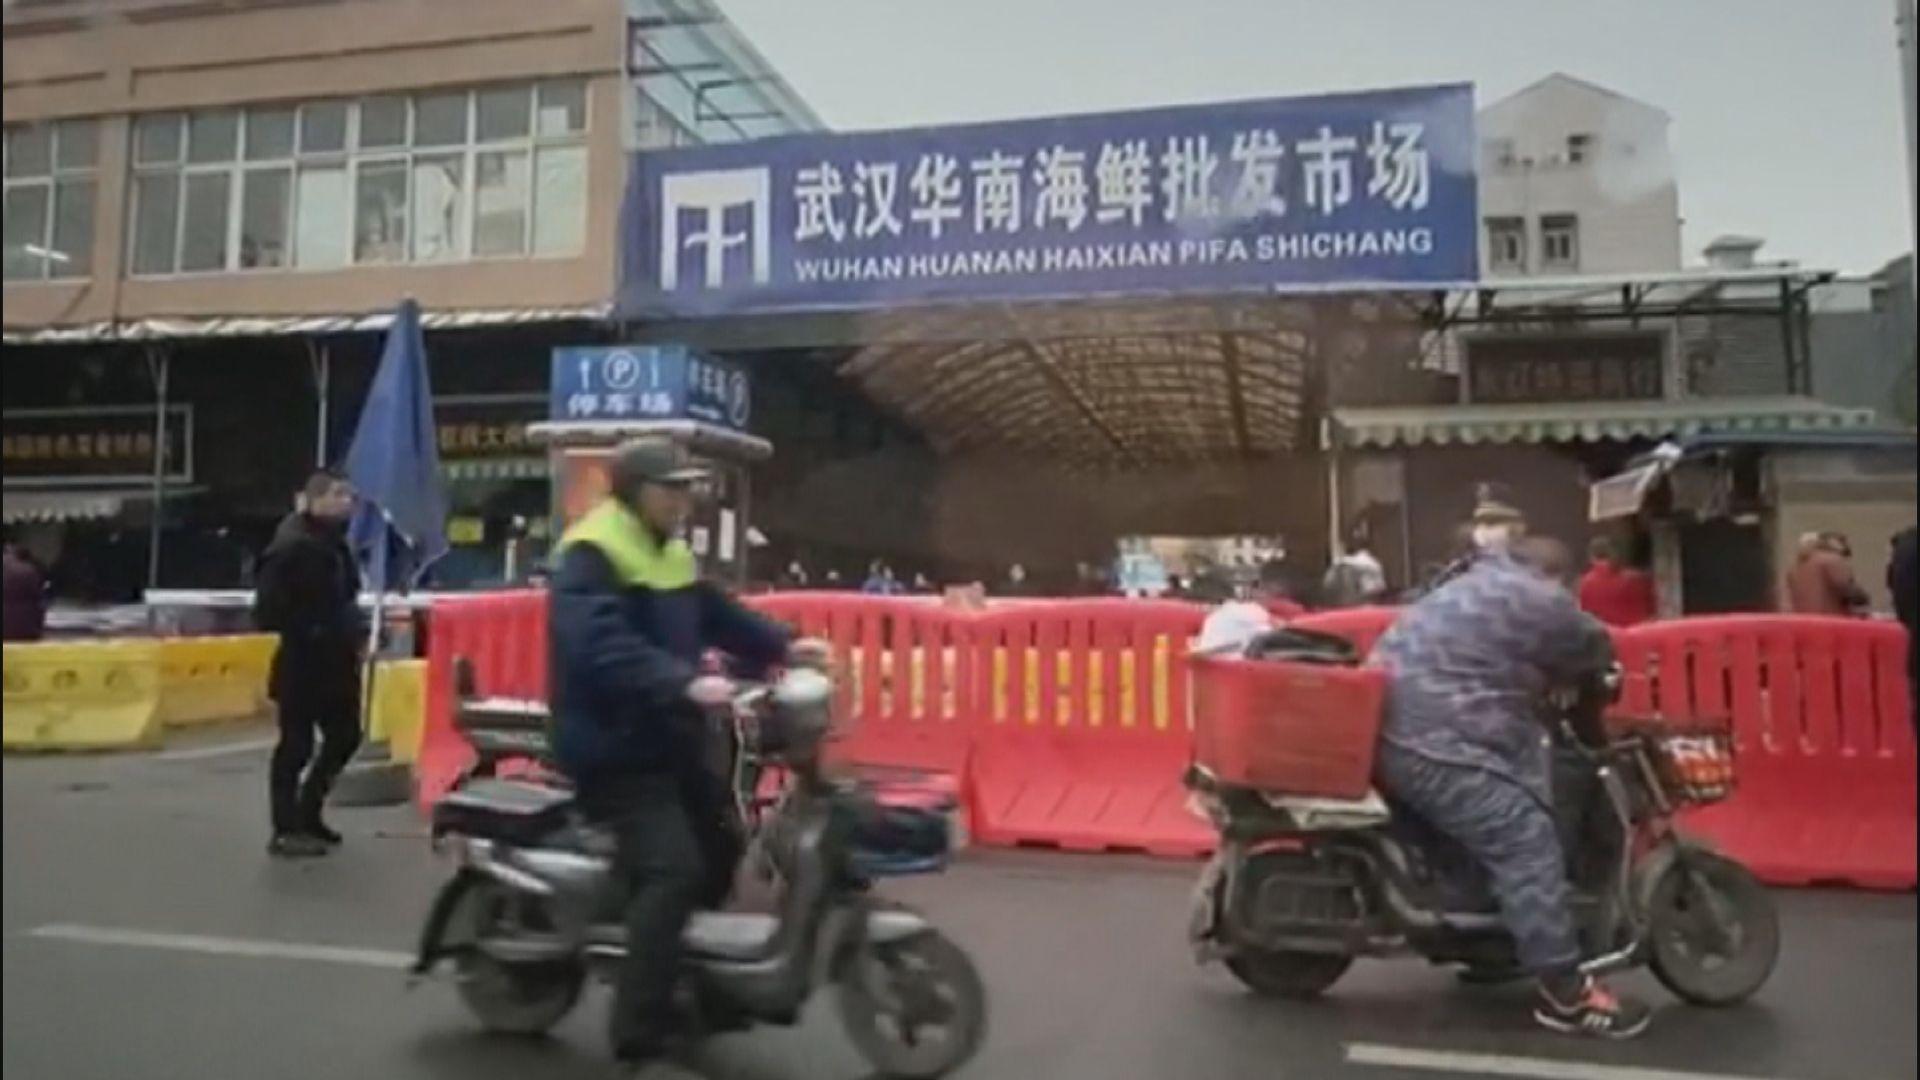 疑肺炎爆發源頭 武漢華南海鮮市場休市